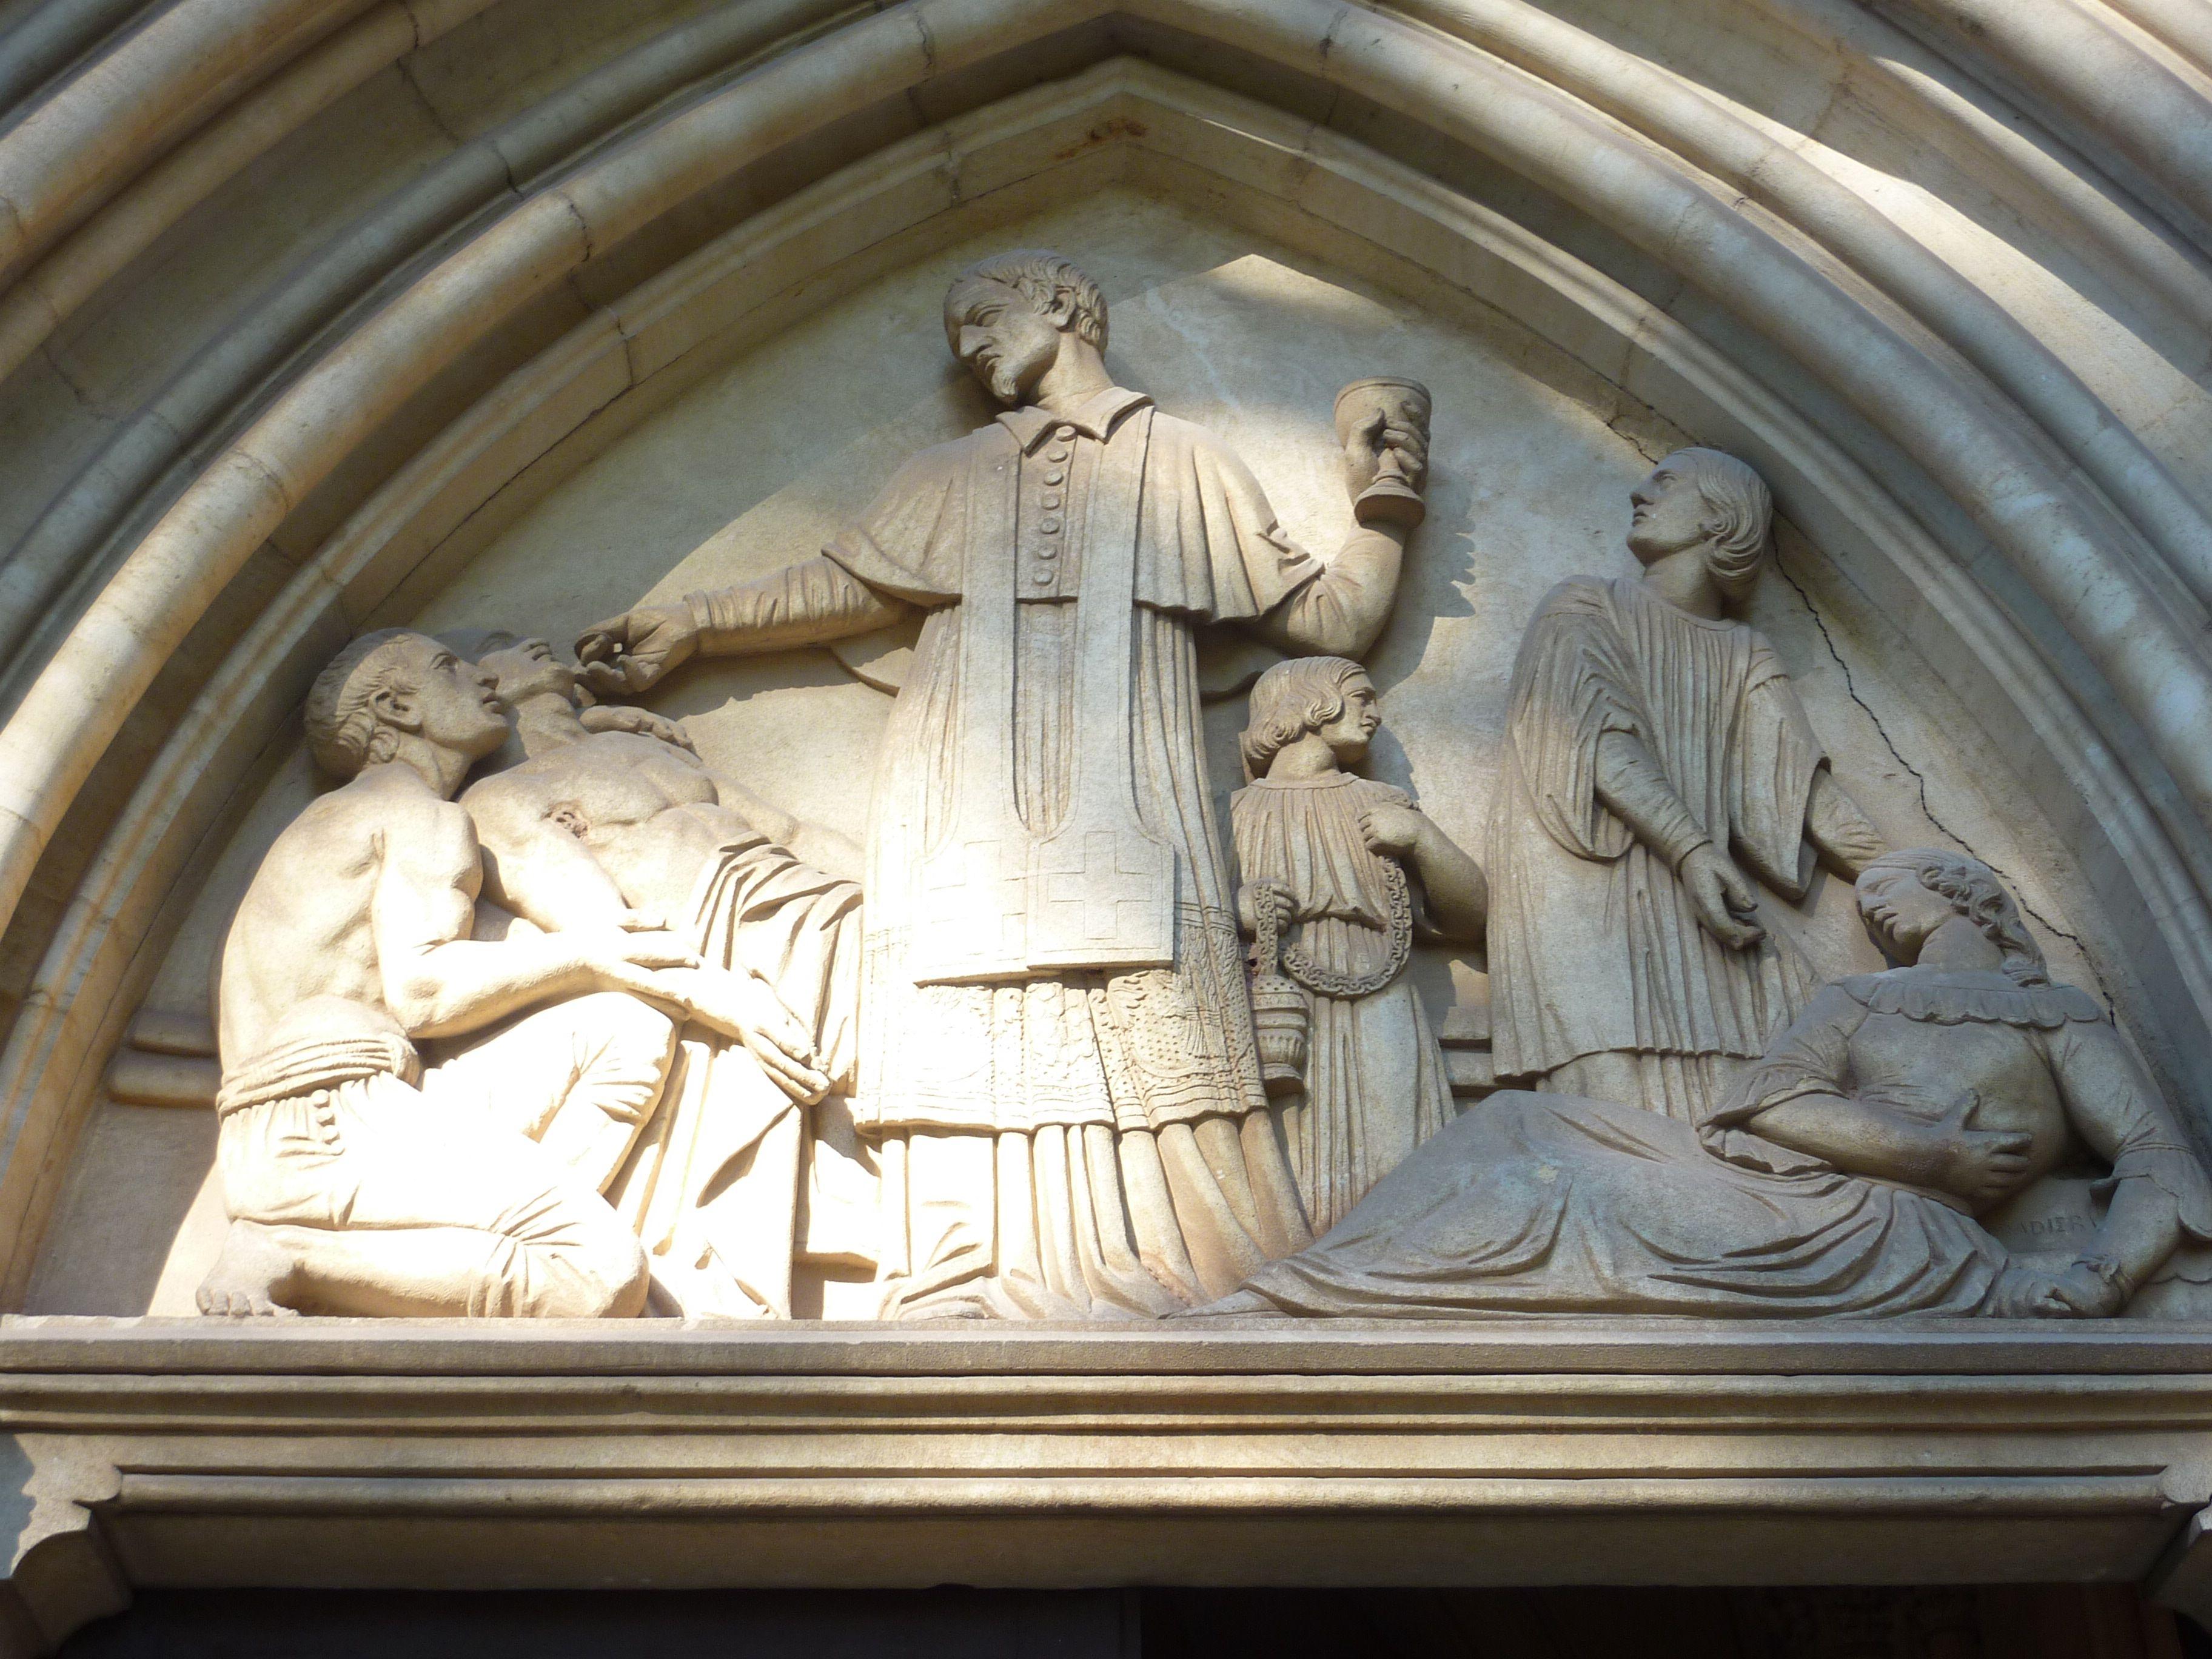 St Charles de Borrhomée - La Garde 83